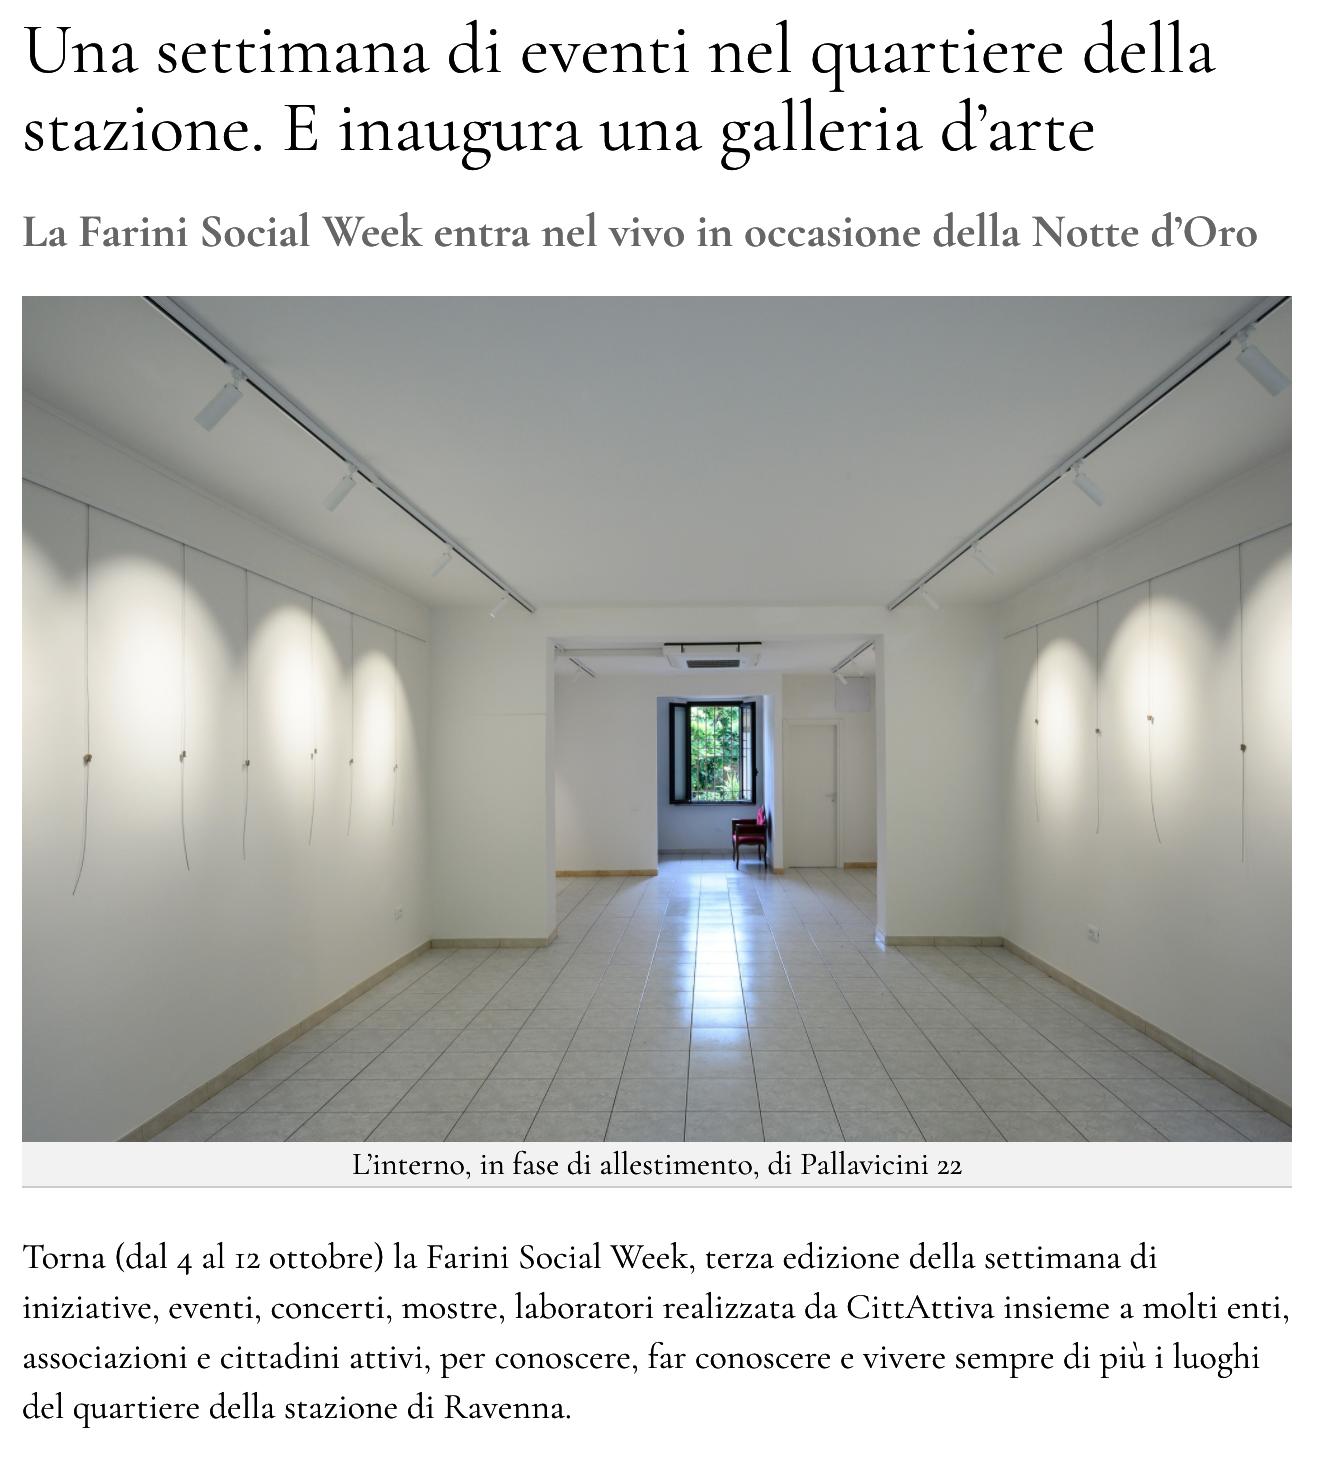 I cartoni per i mosaici di Dora Markus su Ravenna & Dintorni News   Pallavicini22 spazio espositivo Ravenna